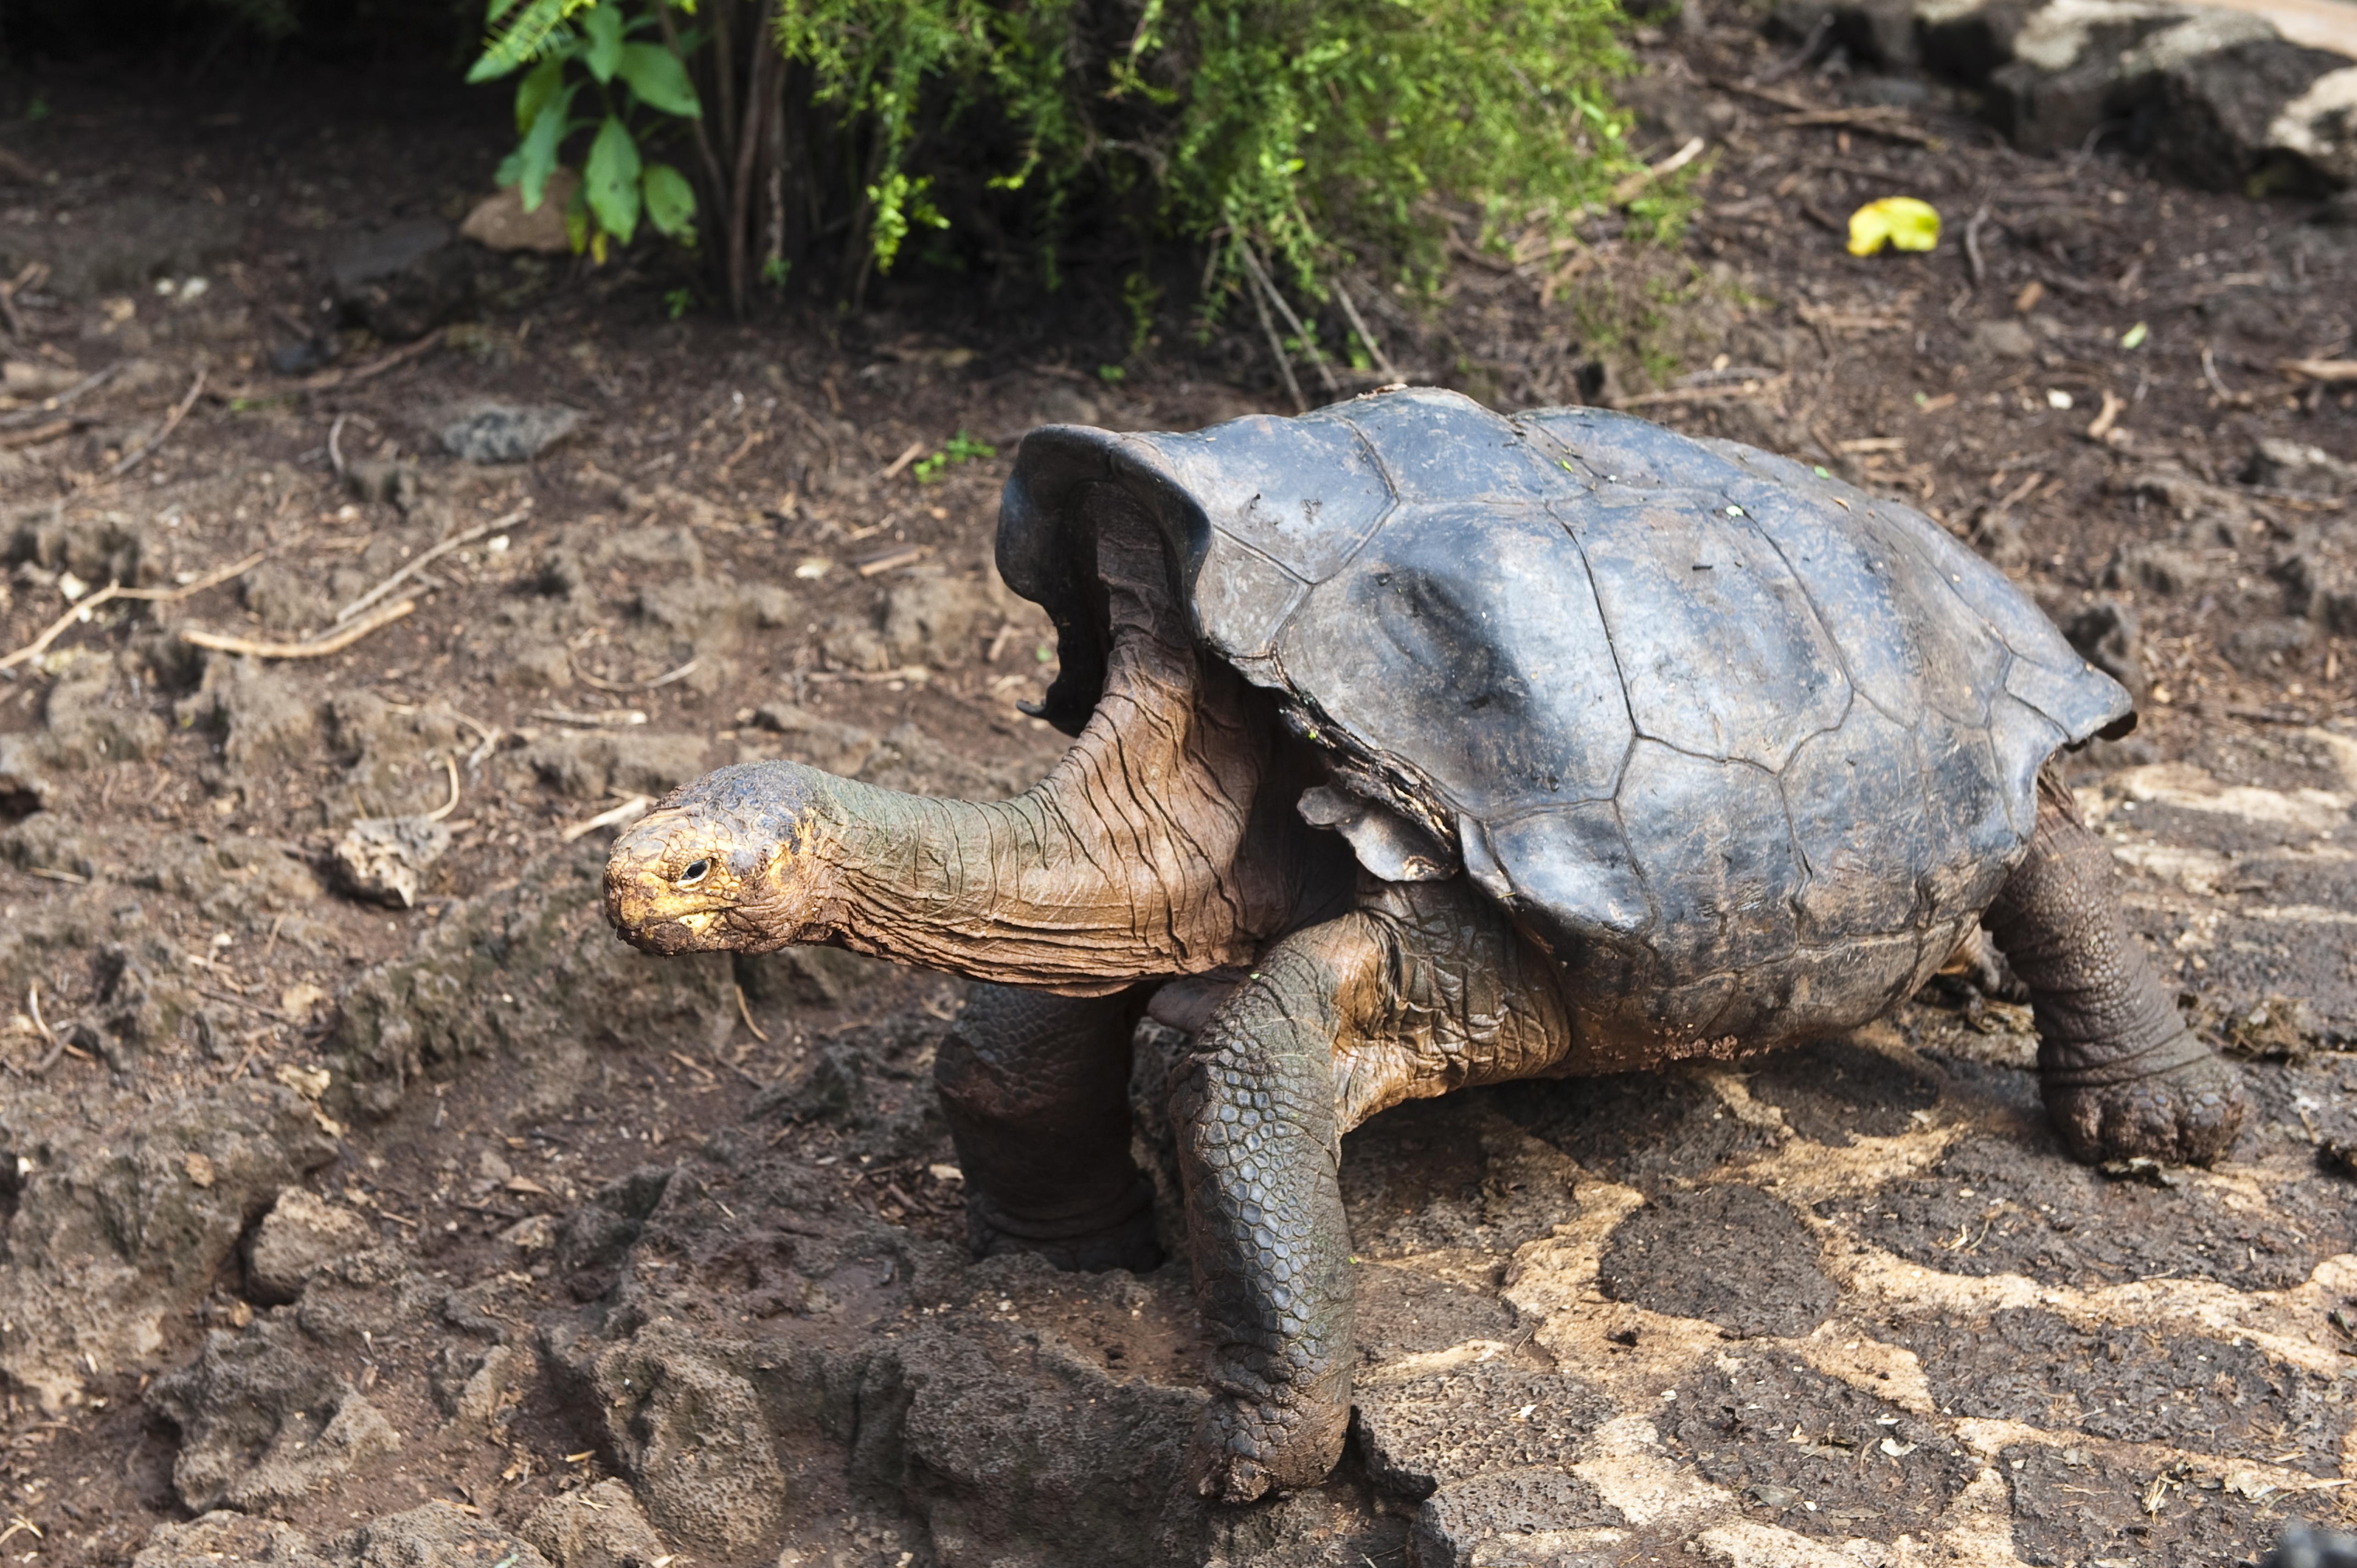 Megmentette faját a kihalástól, visszakapja szabadságát Diego, a kanos óriásteknős